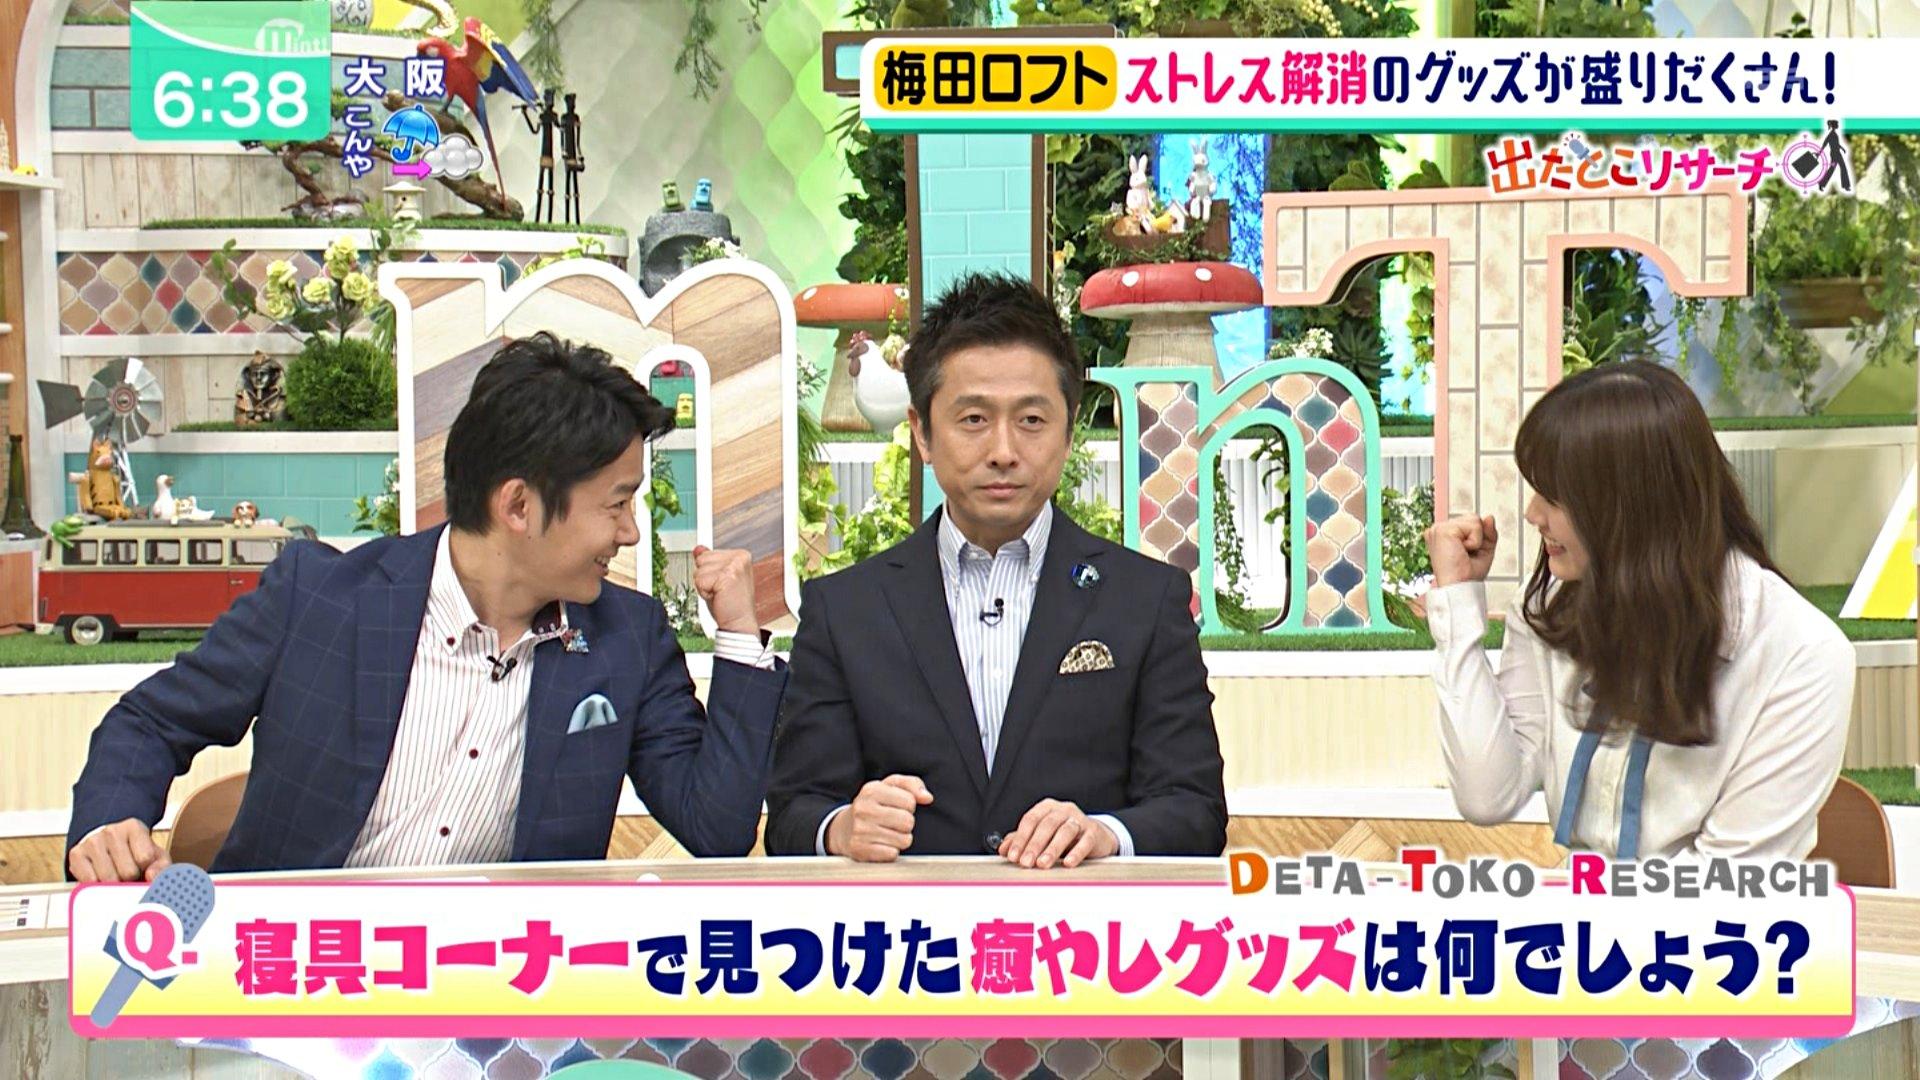 【渋谷凪咲】なぎさ出演5月14日MBS「ミント!」の画像。「さすガっス!」をご本人とキメる